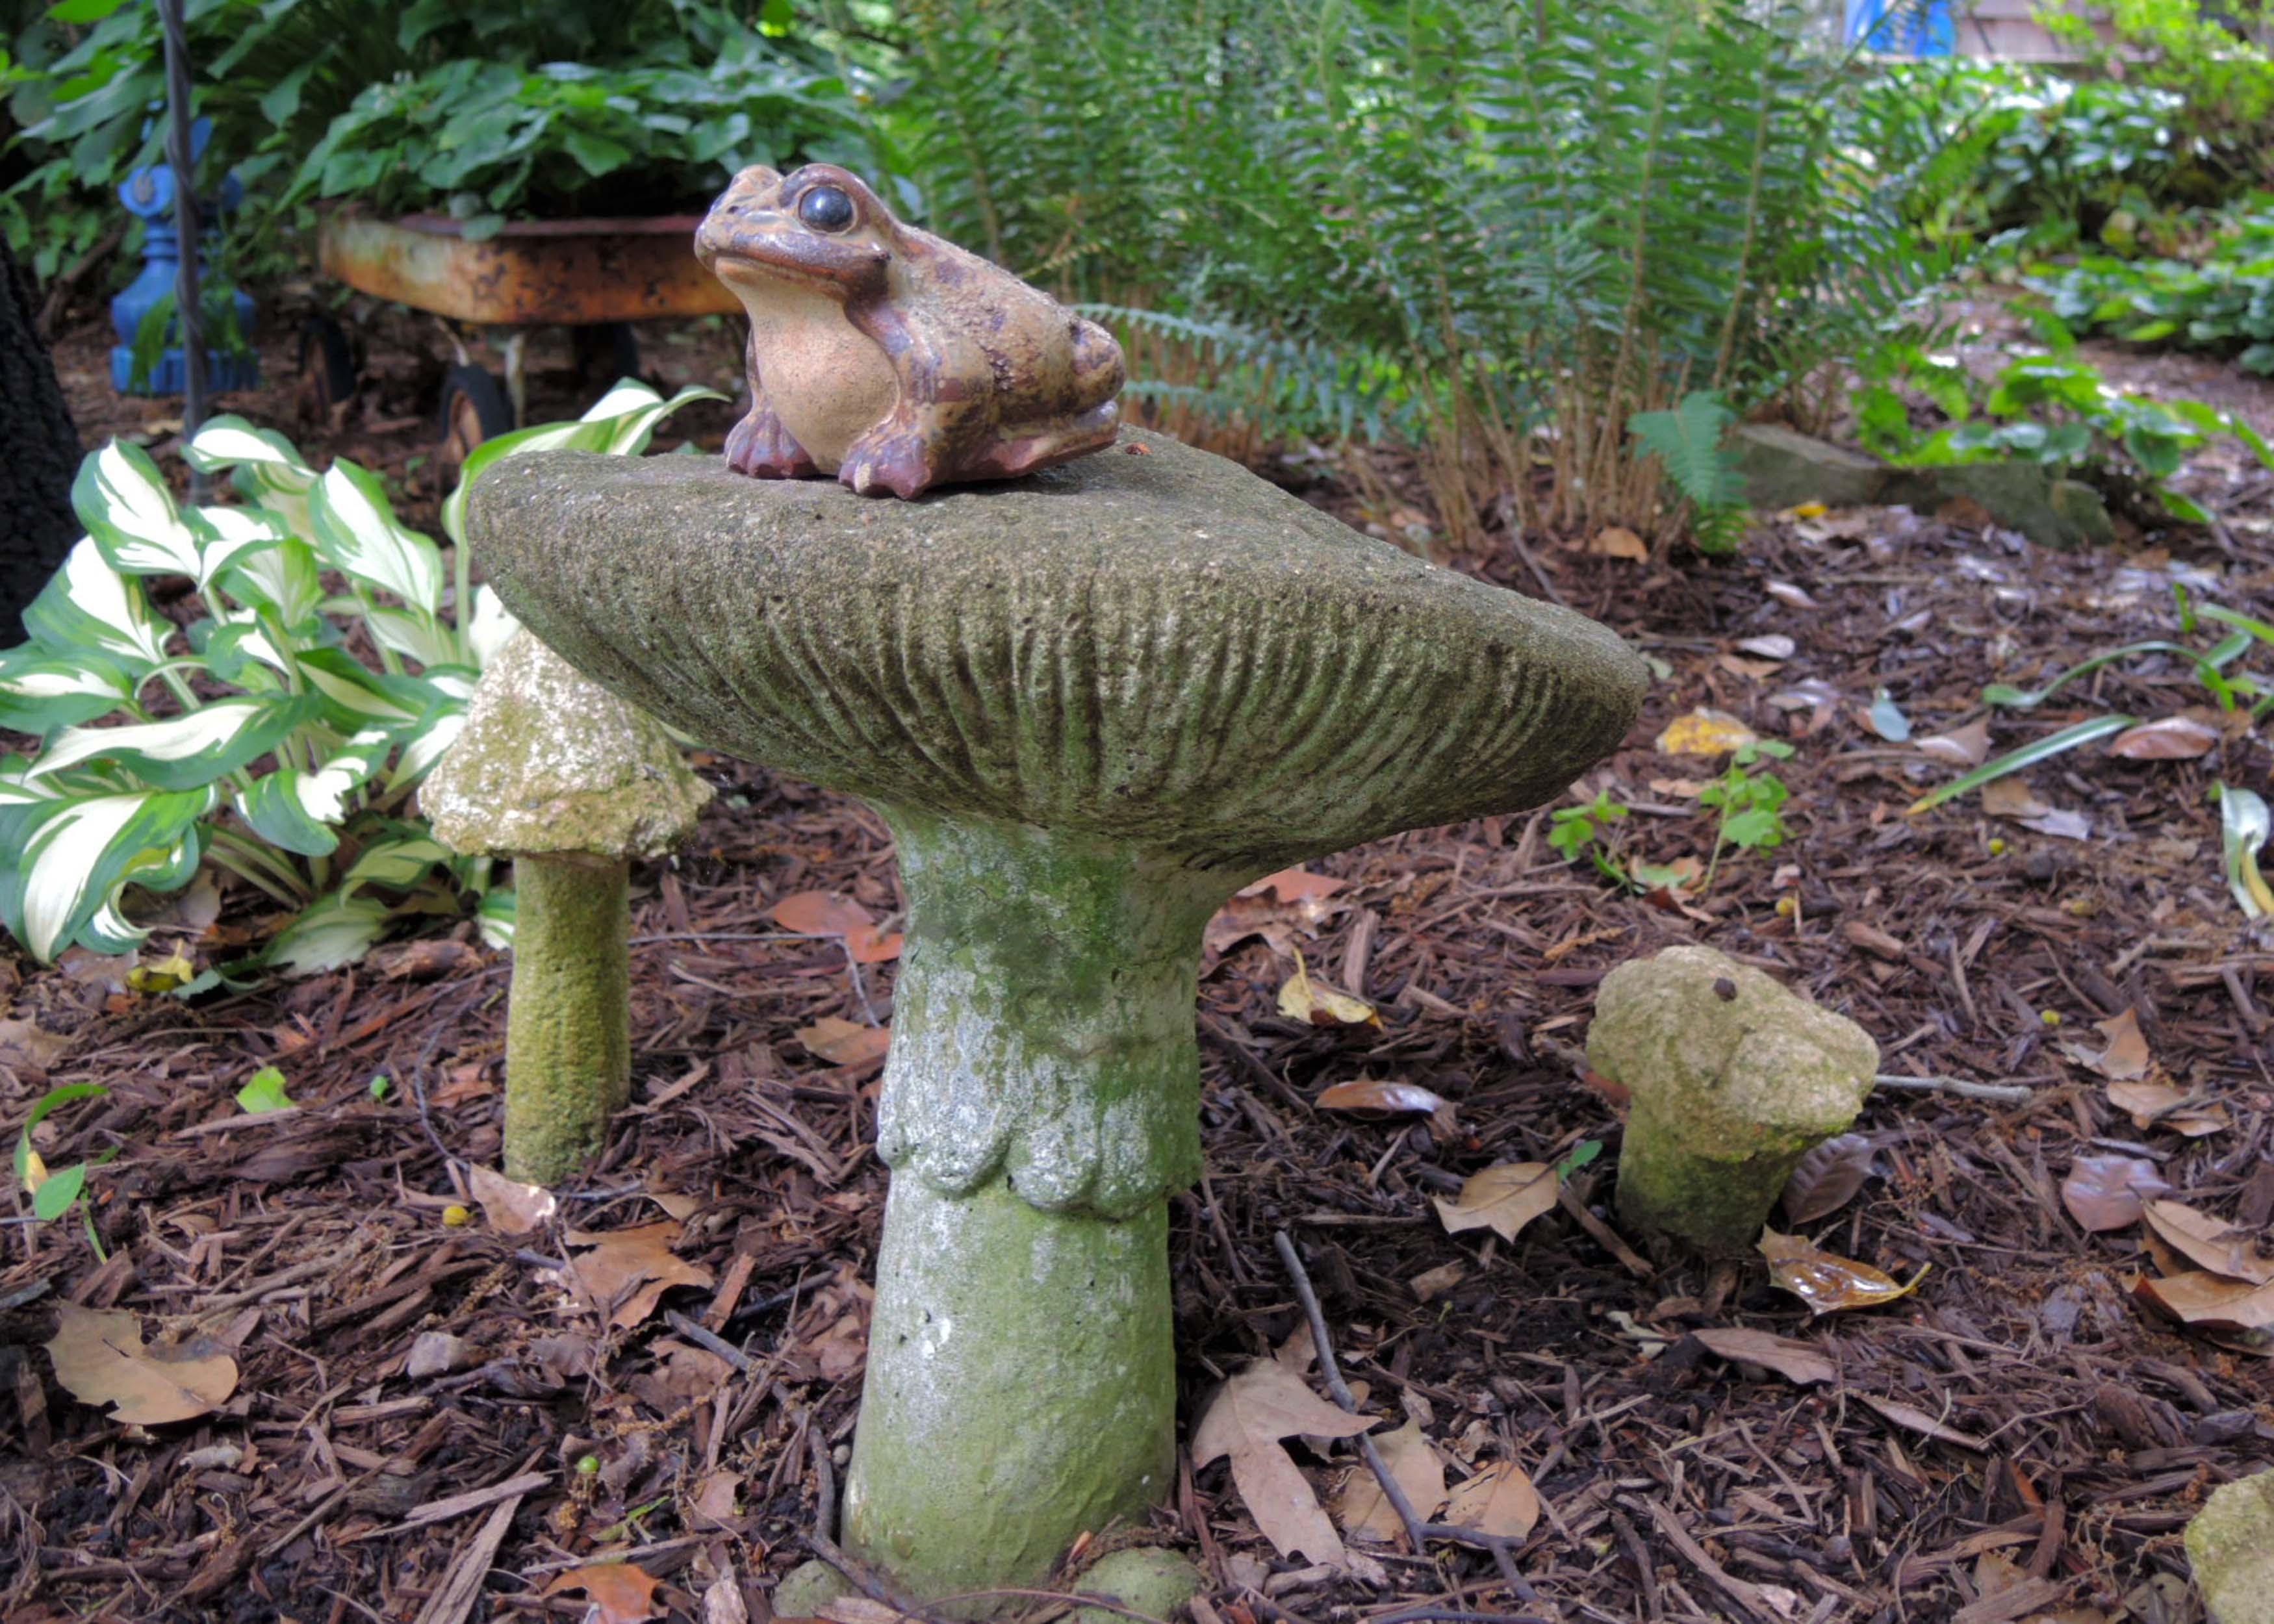 DSCN9888 - Sandi - frog on cement mushroom.jpg